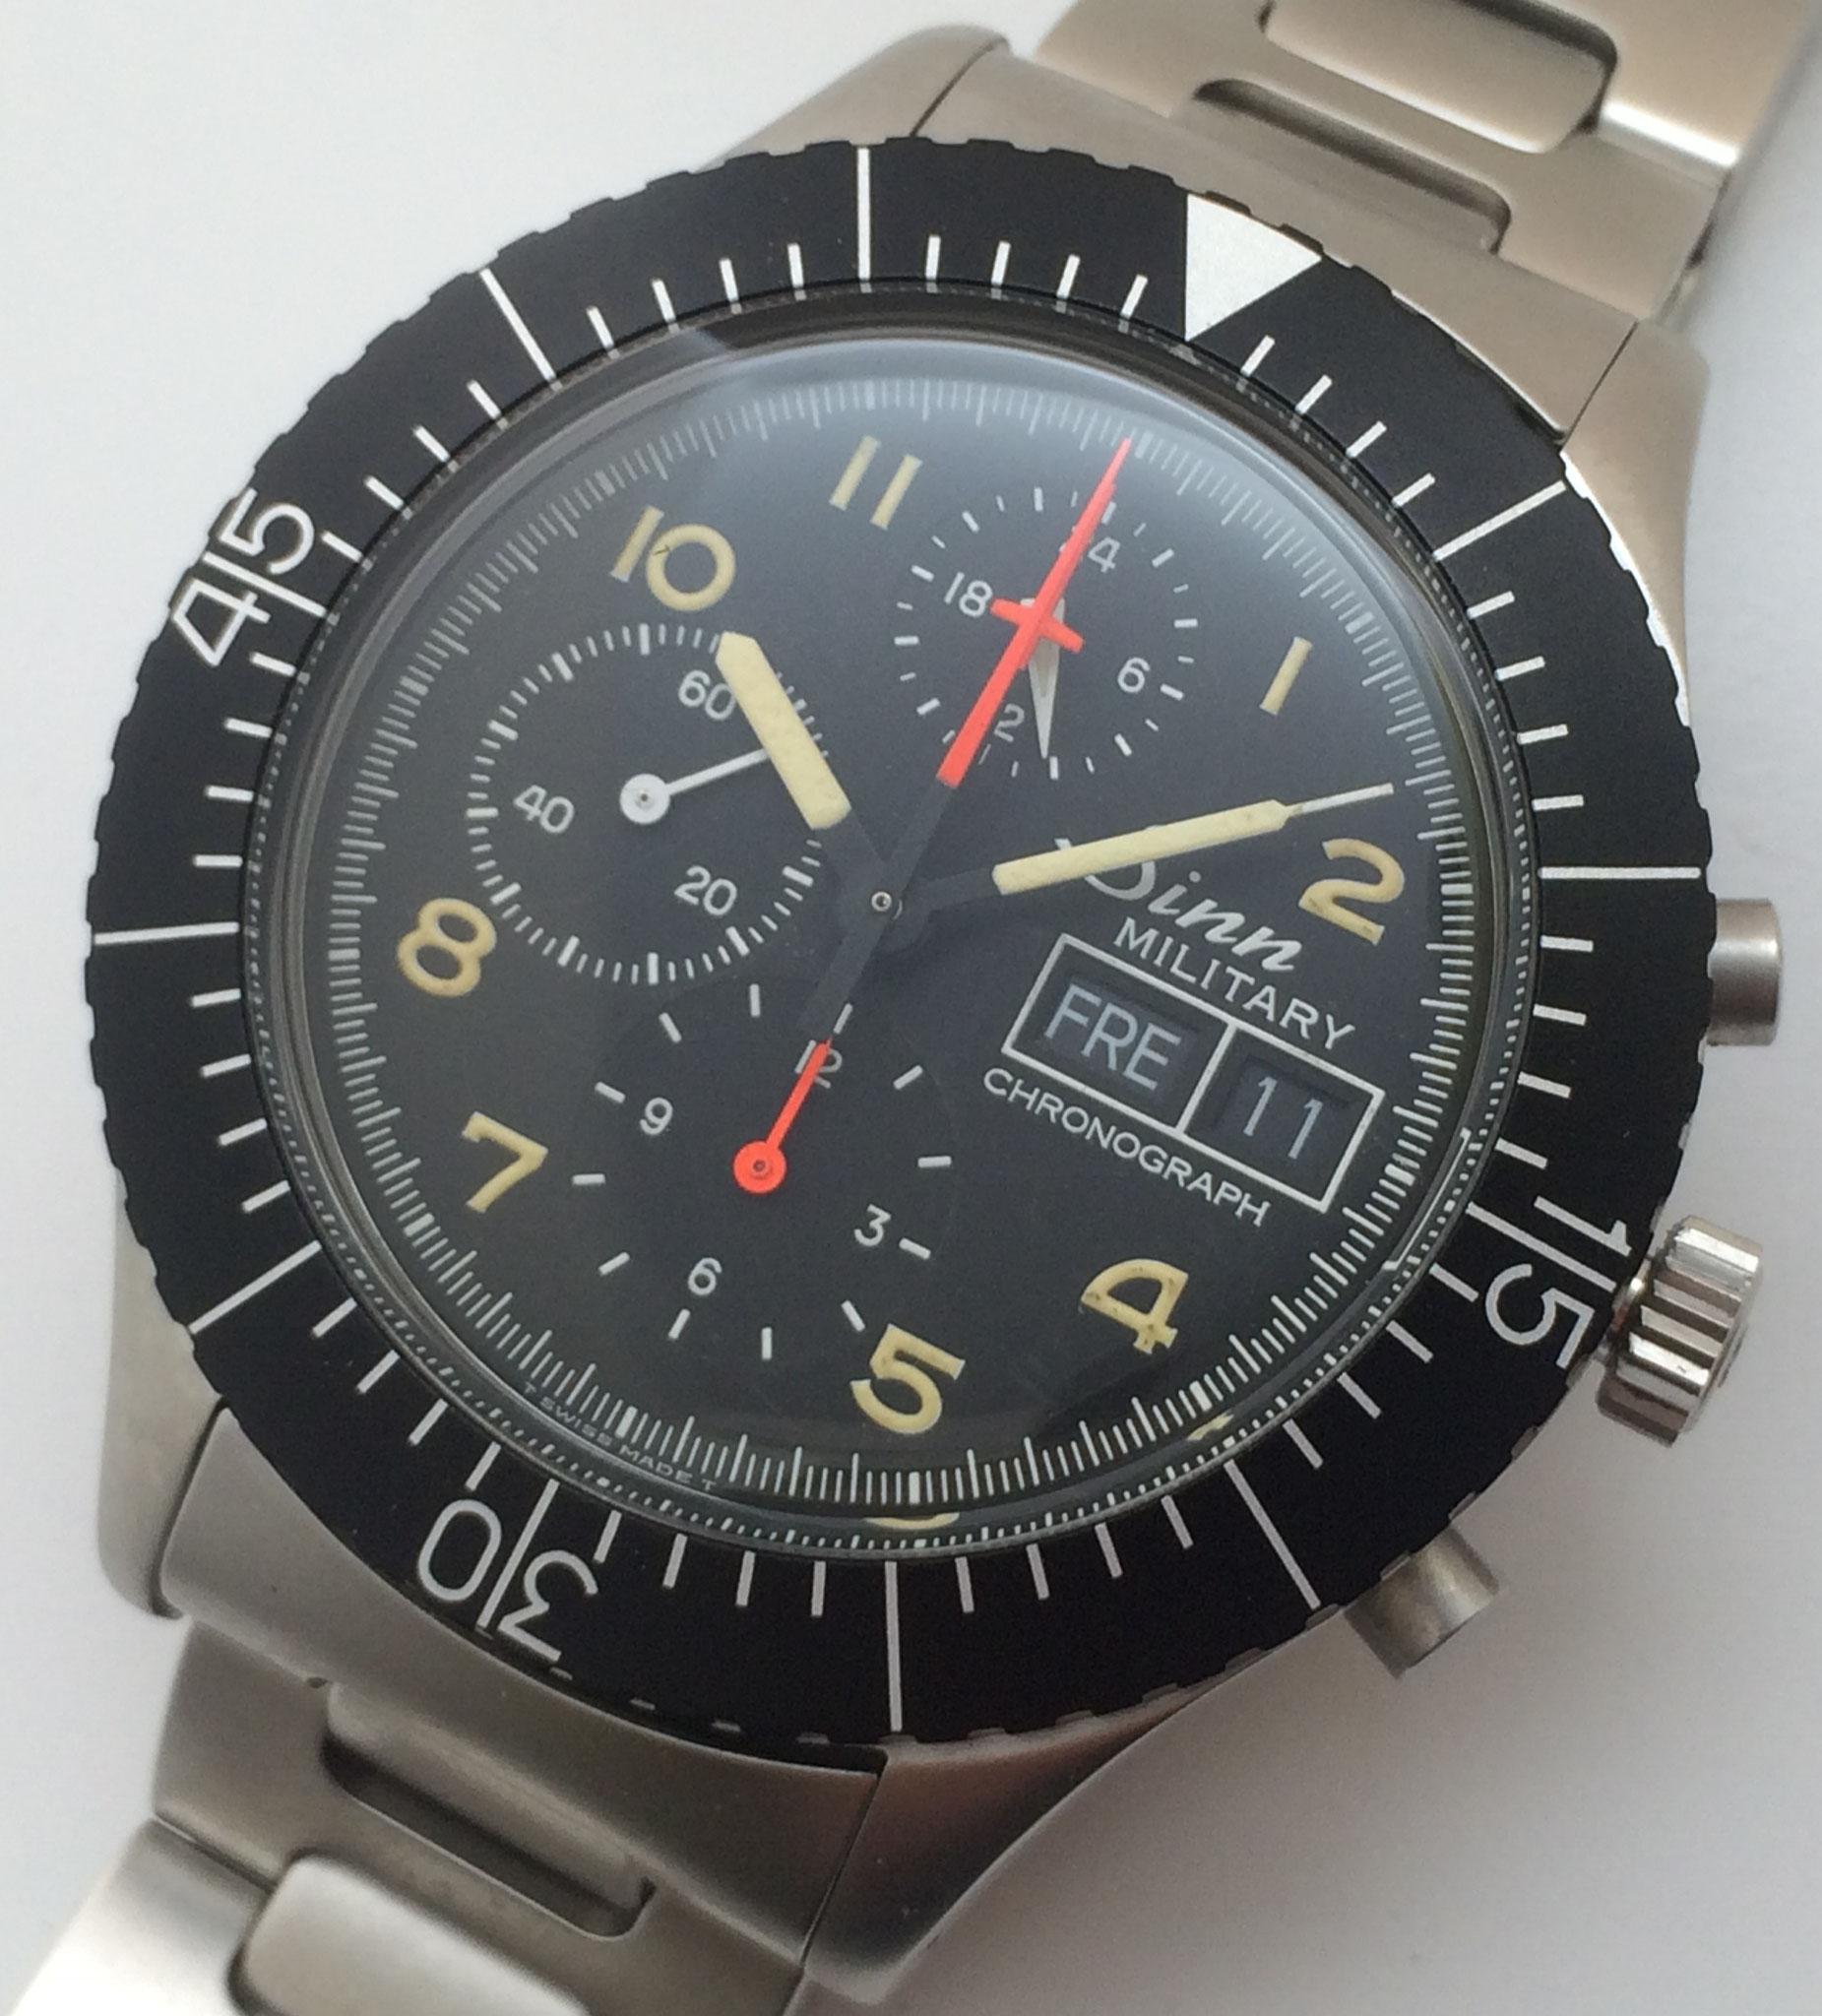 Sinn Military Chronograph Ref. 156 mit Lemania 5100 aus den achtziger Jahren